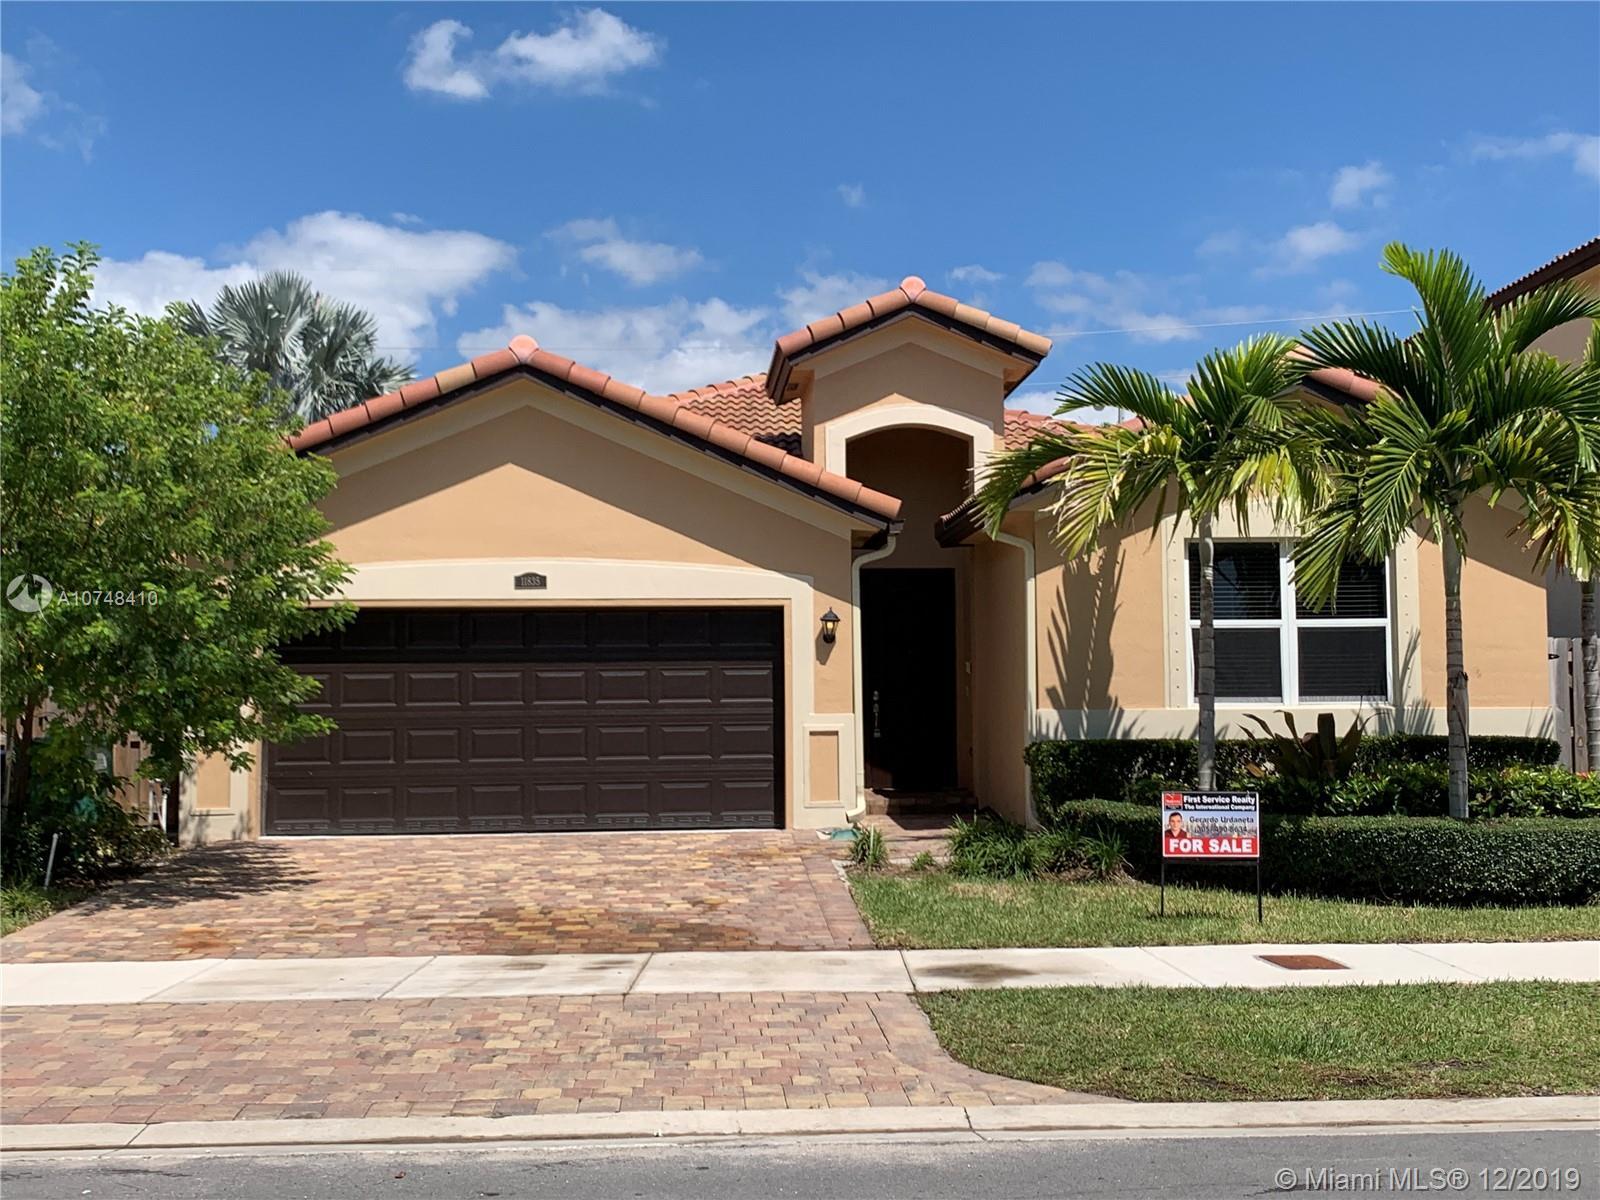 11835 SW 248 Terr, Miami, FL 33032 - Miami, FL real estate listing